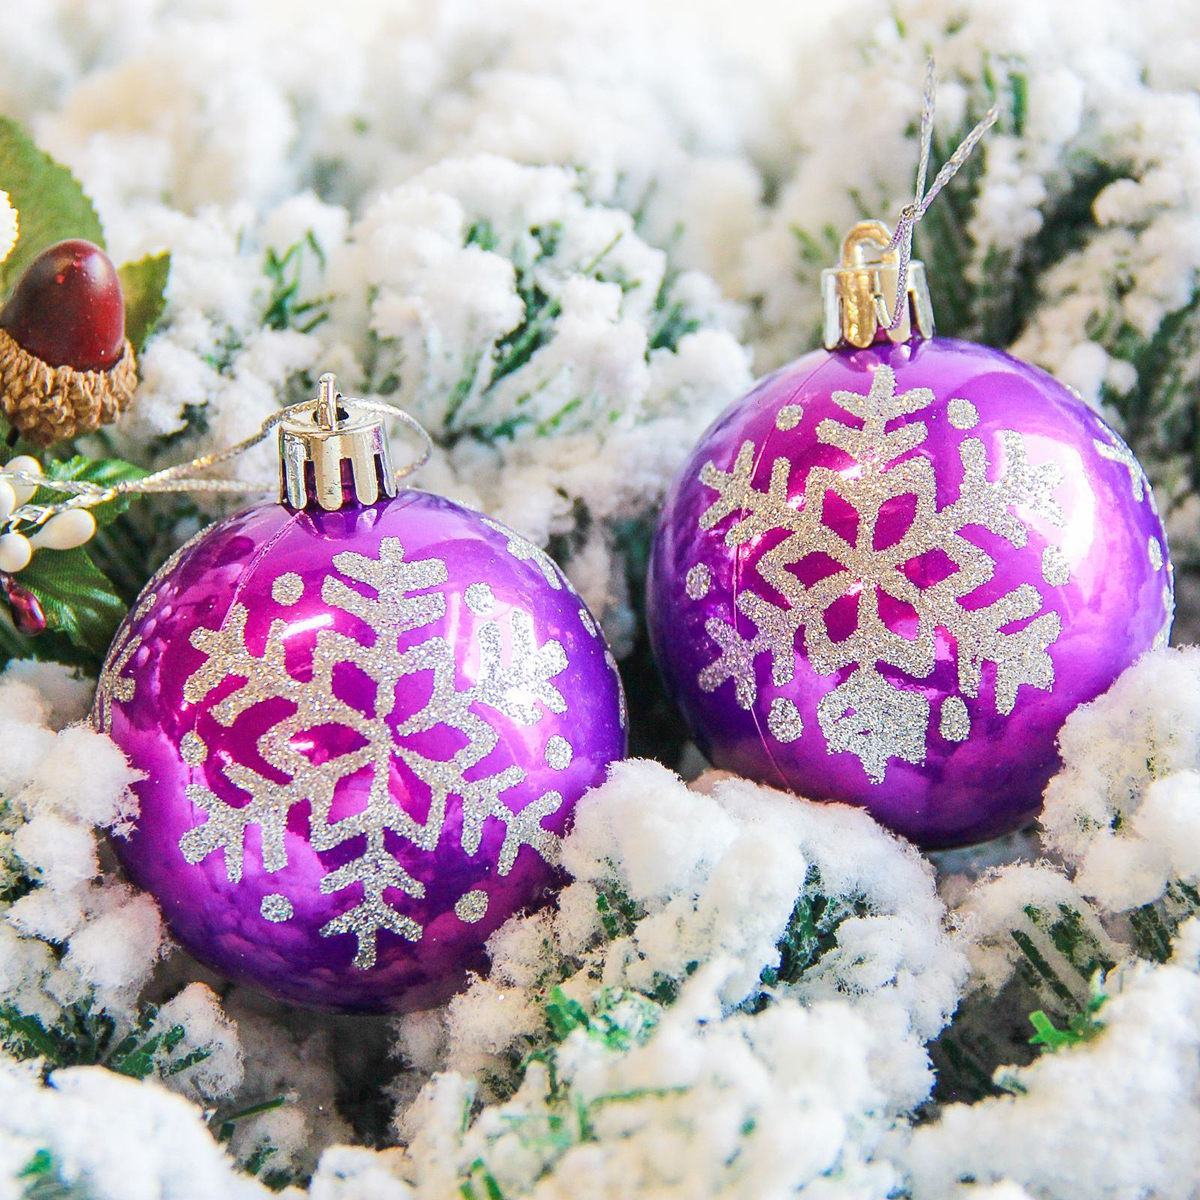 Набор новогодних подвесных украшений Sima-land Снежинка капель, цвет: фиолетовый, диаметр 6 см, 6 шт2178184Невозможно представить нашу жизнь без праздников! Мы всегда ждём их и предвкушаем, обдумываем, как проведём памятный день, тщательно выбираем подарки и аксессуары, ведь именно они создают и поддерживают торжественный настрой.